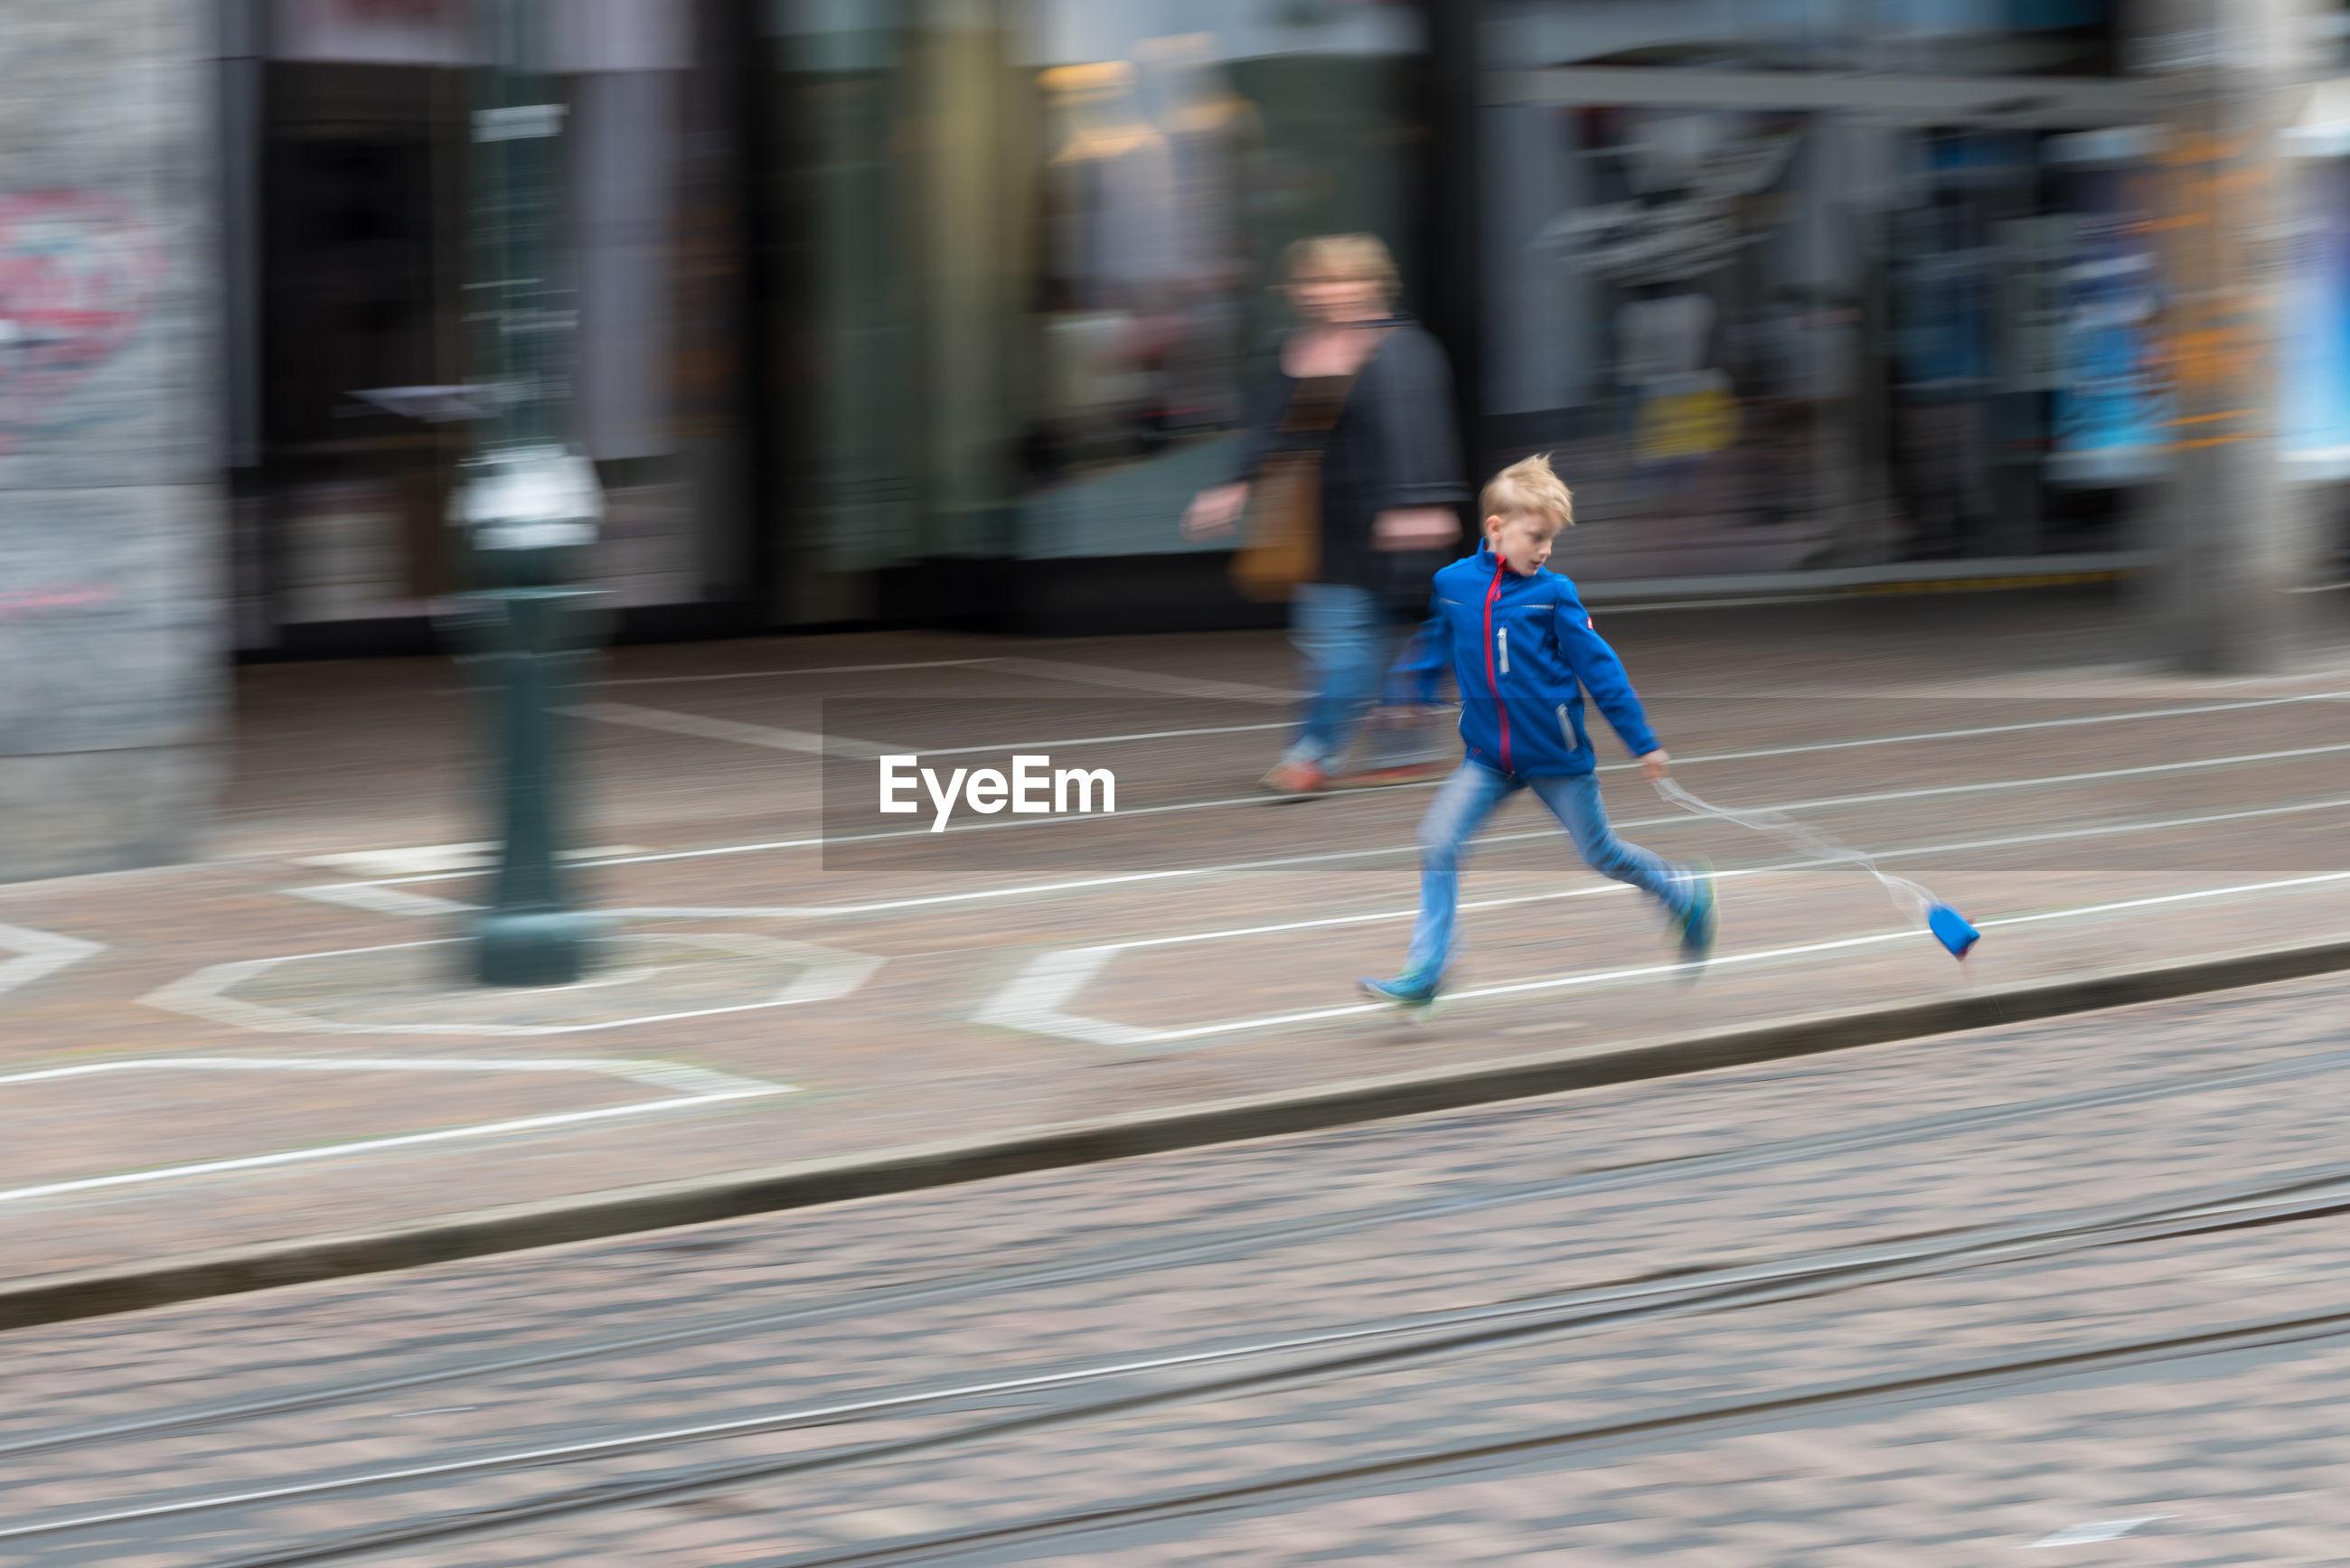 Boy running with yo-yo on footpath